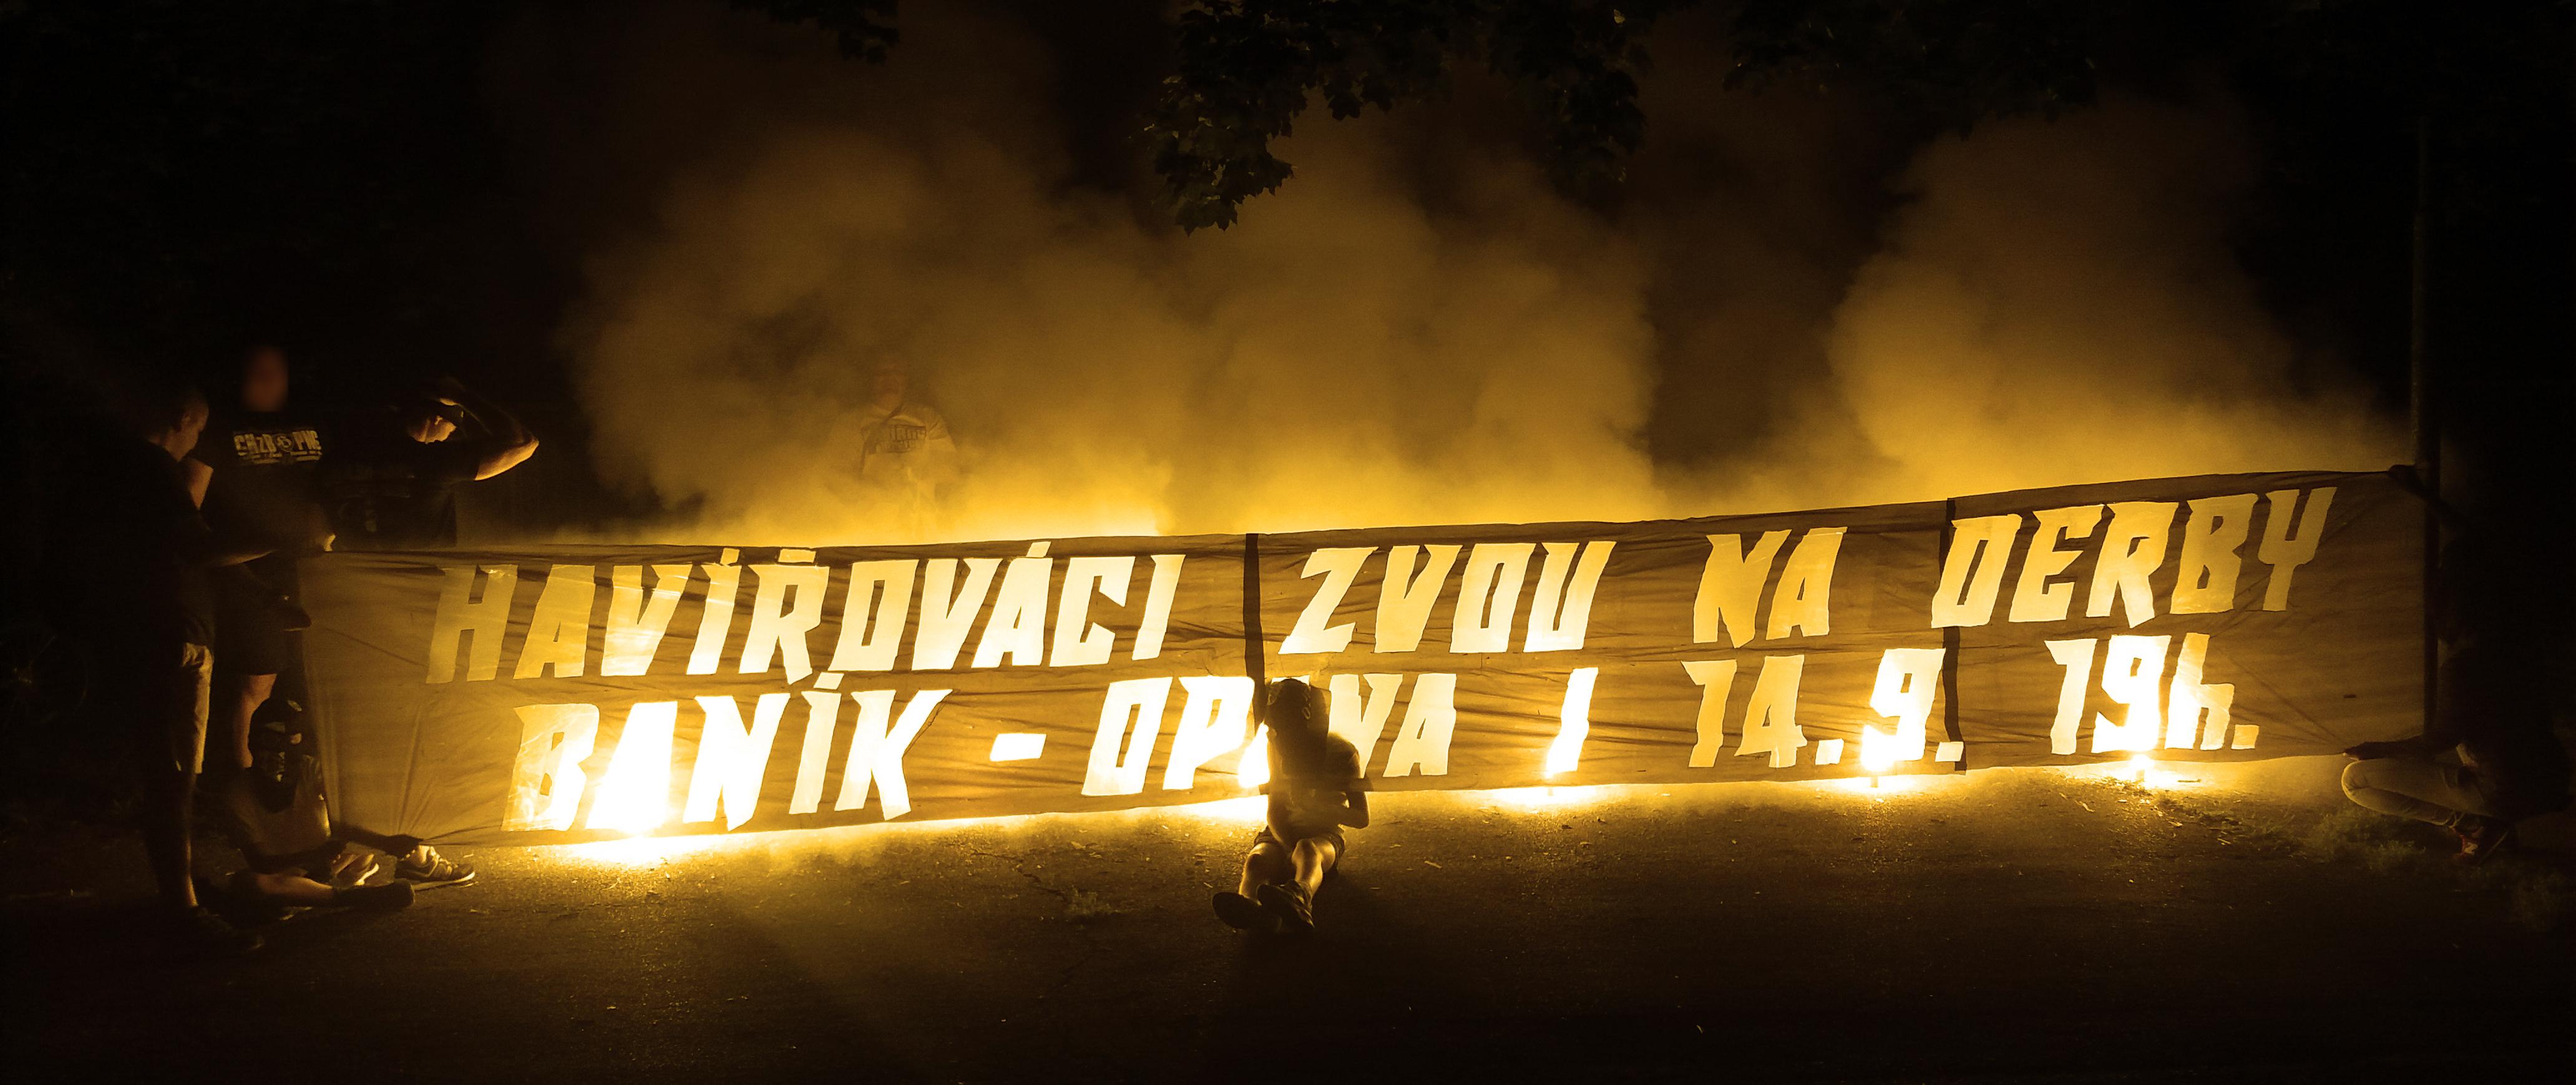 http://havirovaci.cz/wp-content-endora/uploads/2016/09/pozvanka_opava_ow.jpg